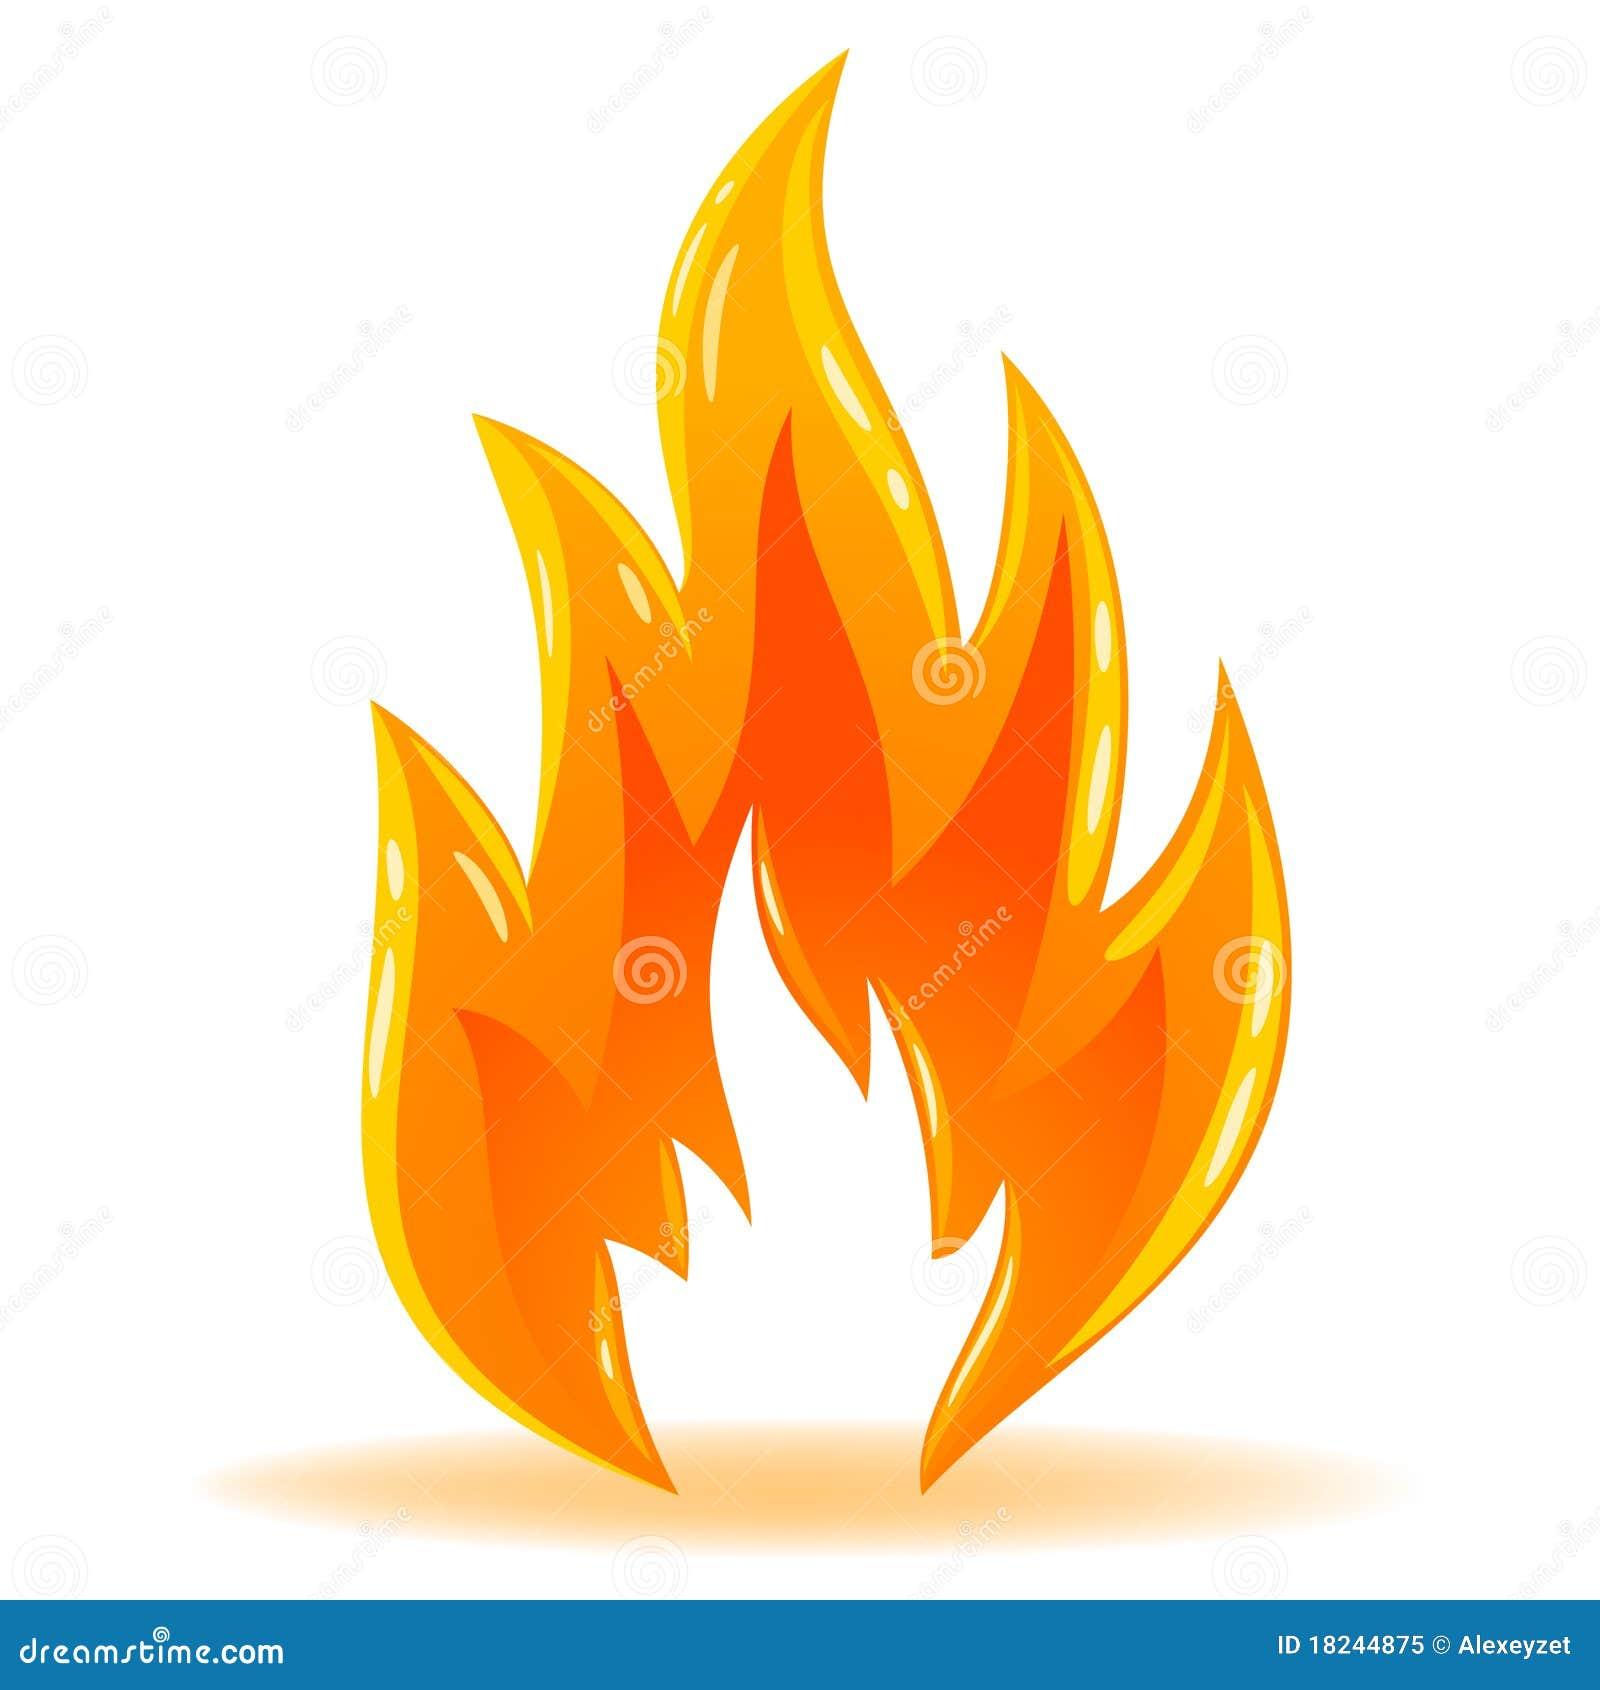 Vektor för symbol för brandflamma blank